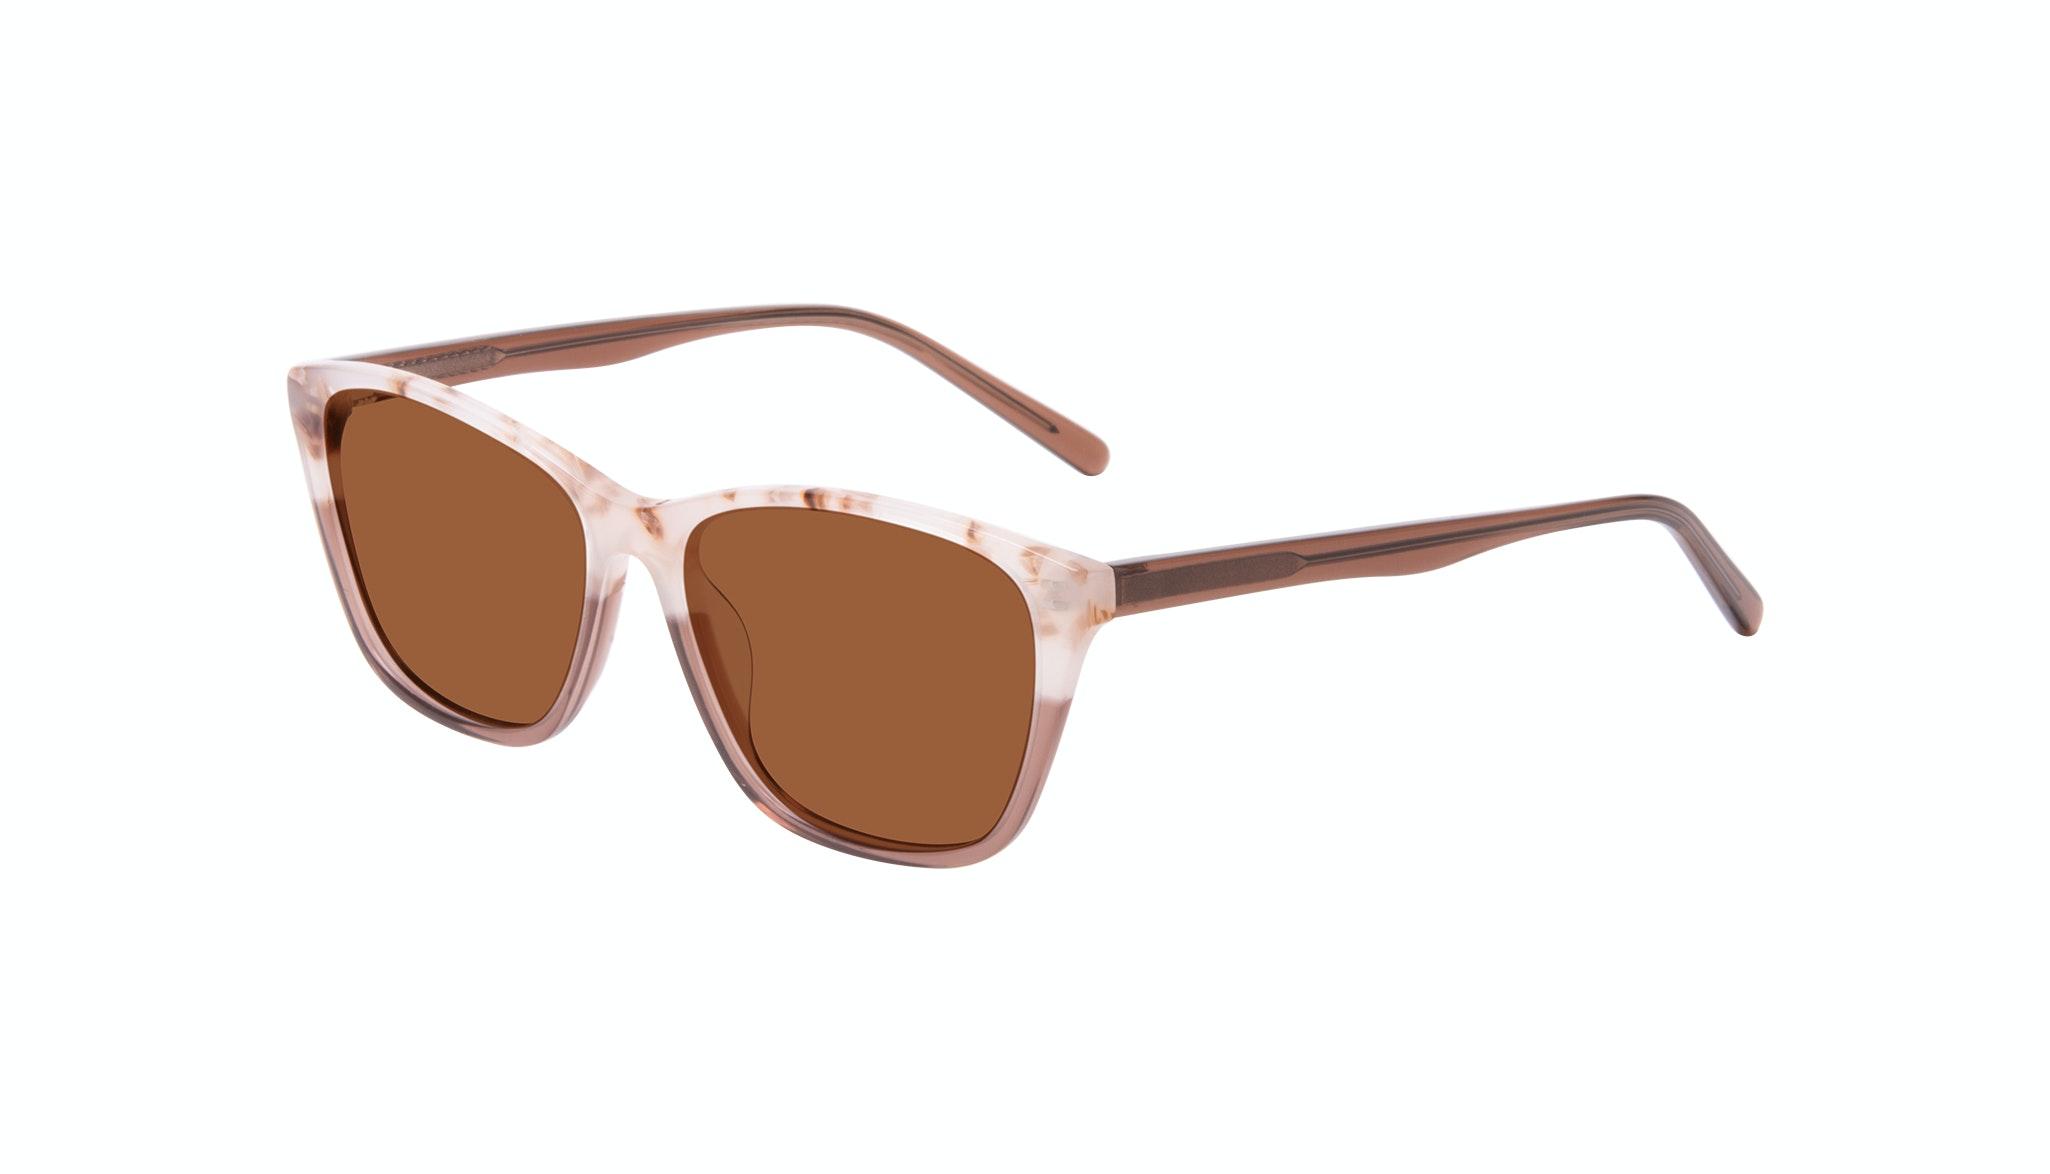 Lunettes tendance Oeil de chat Rectangle Lunettes de soleil Femmes Myrtle Frosted Sand Incliné